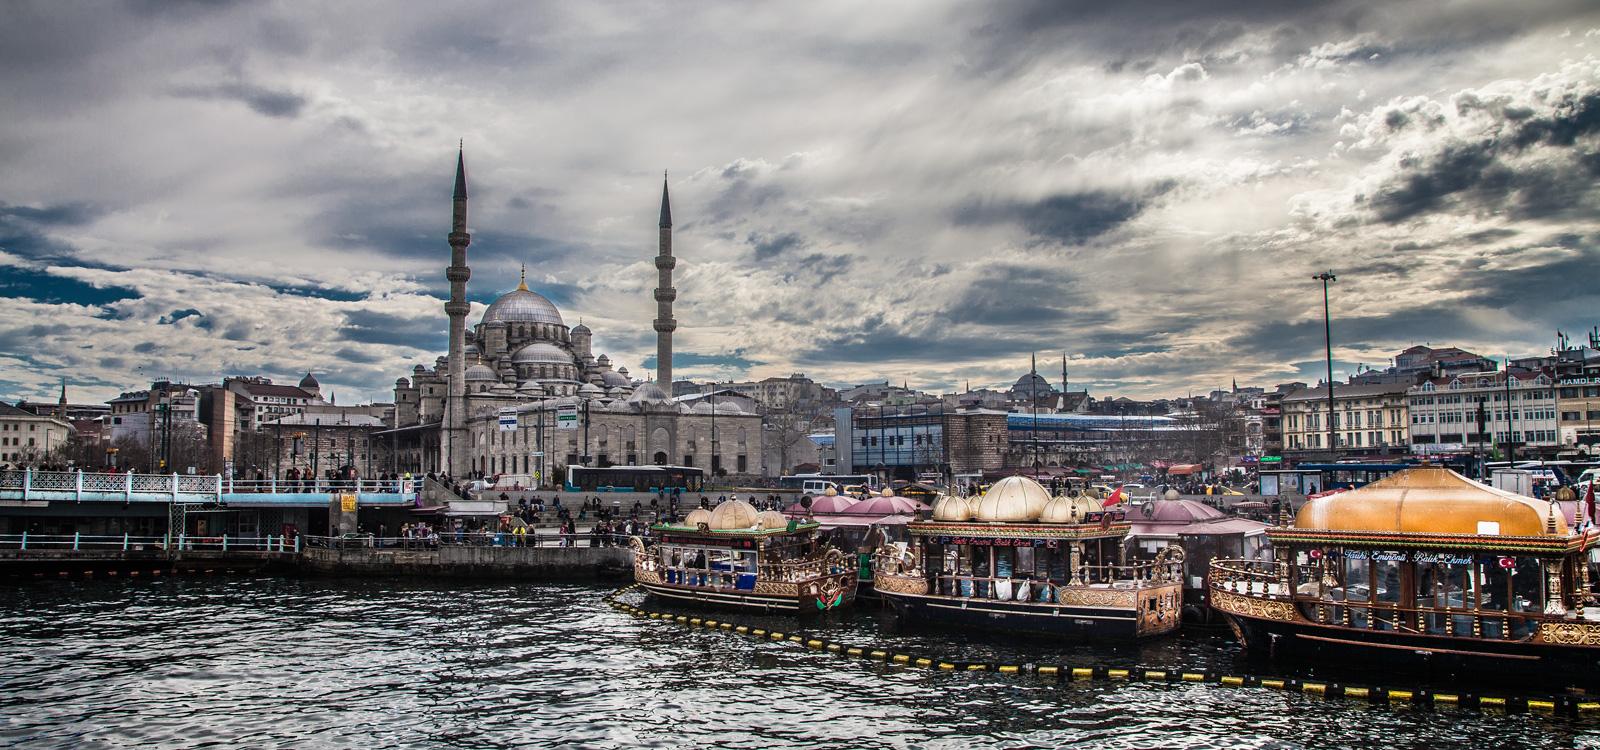 Fotografo paisaje ciudad Estambul sociedad